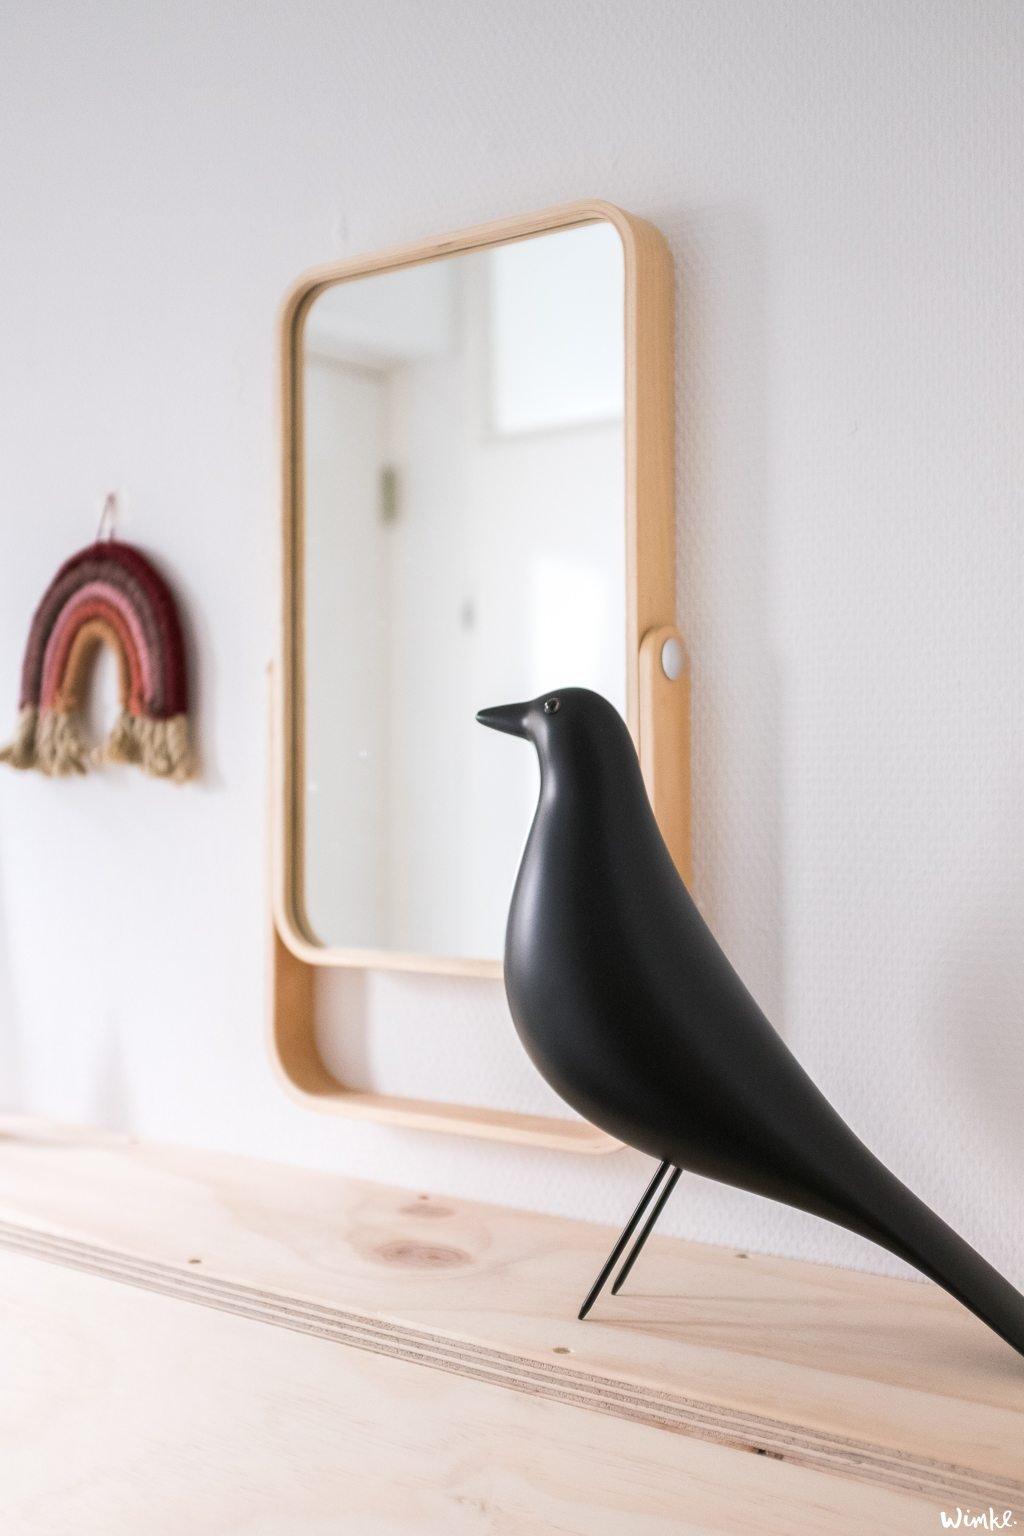 Een opgeruimde hal - Eames House Bird - (c) Wimke.nl